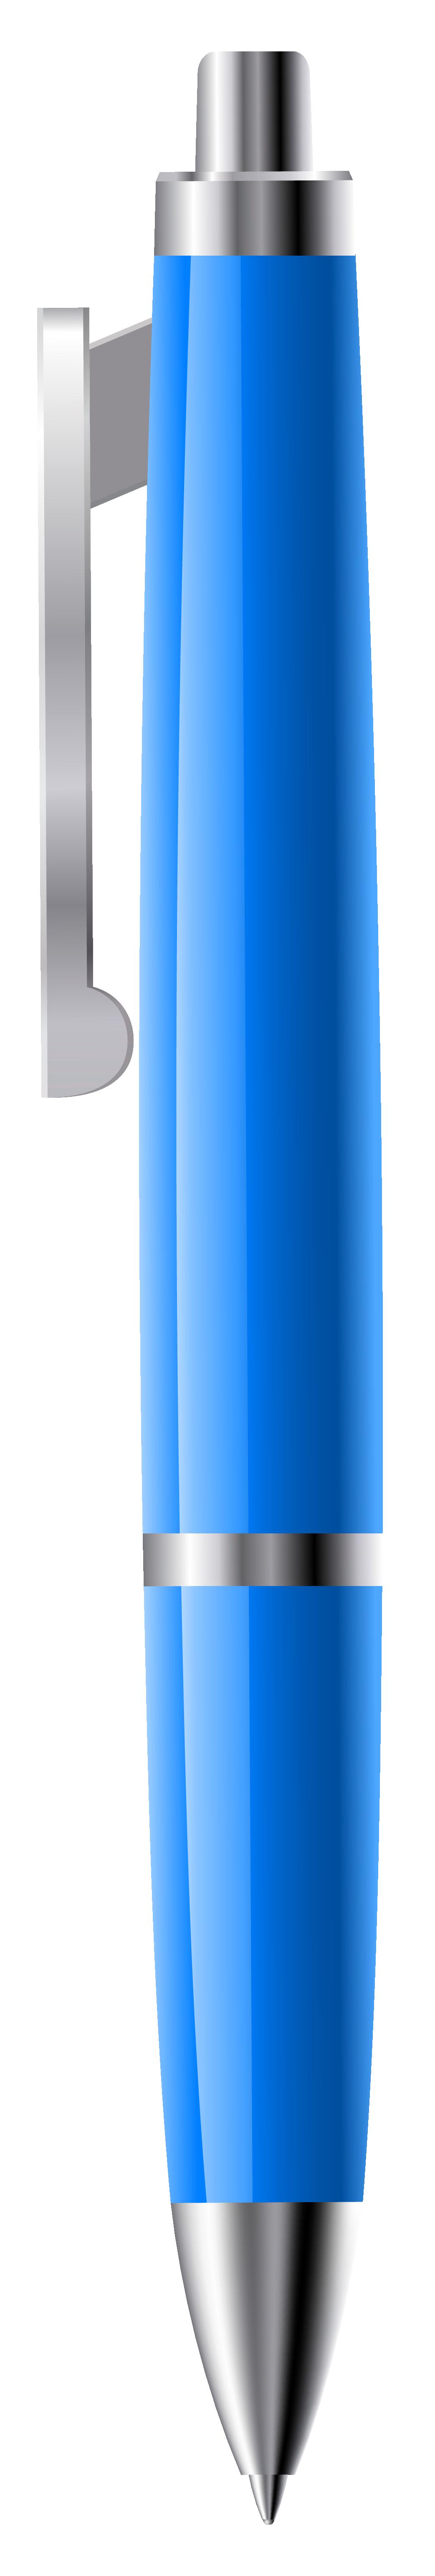 Pen clipart blue pen Gallery Yopriceville Pen Image size